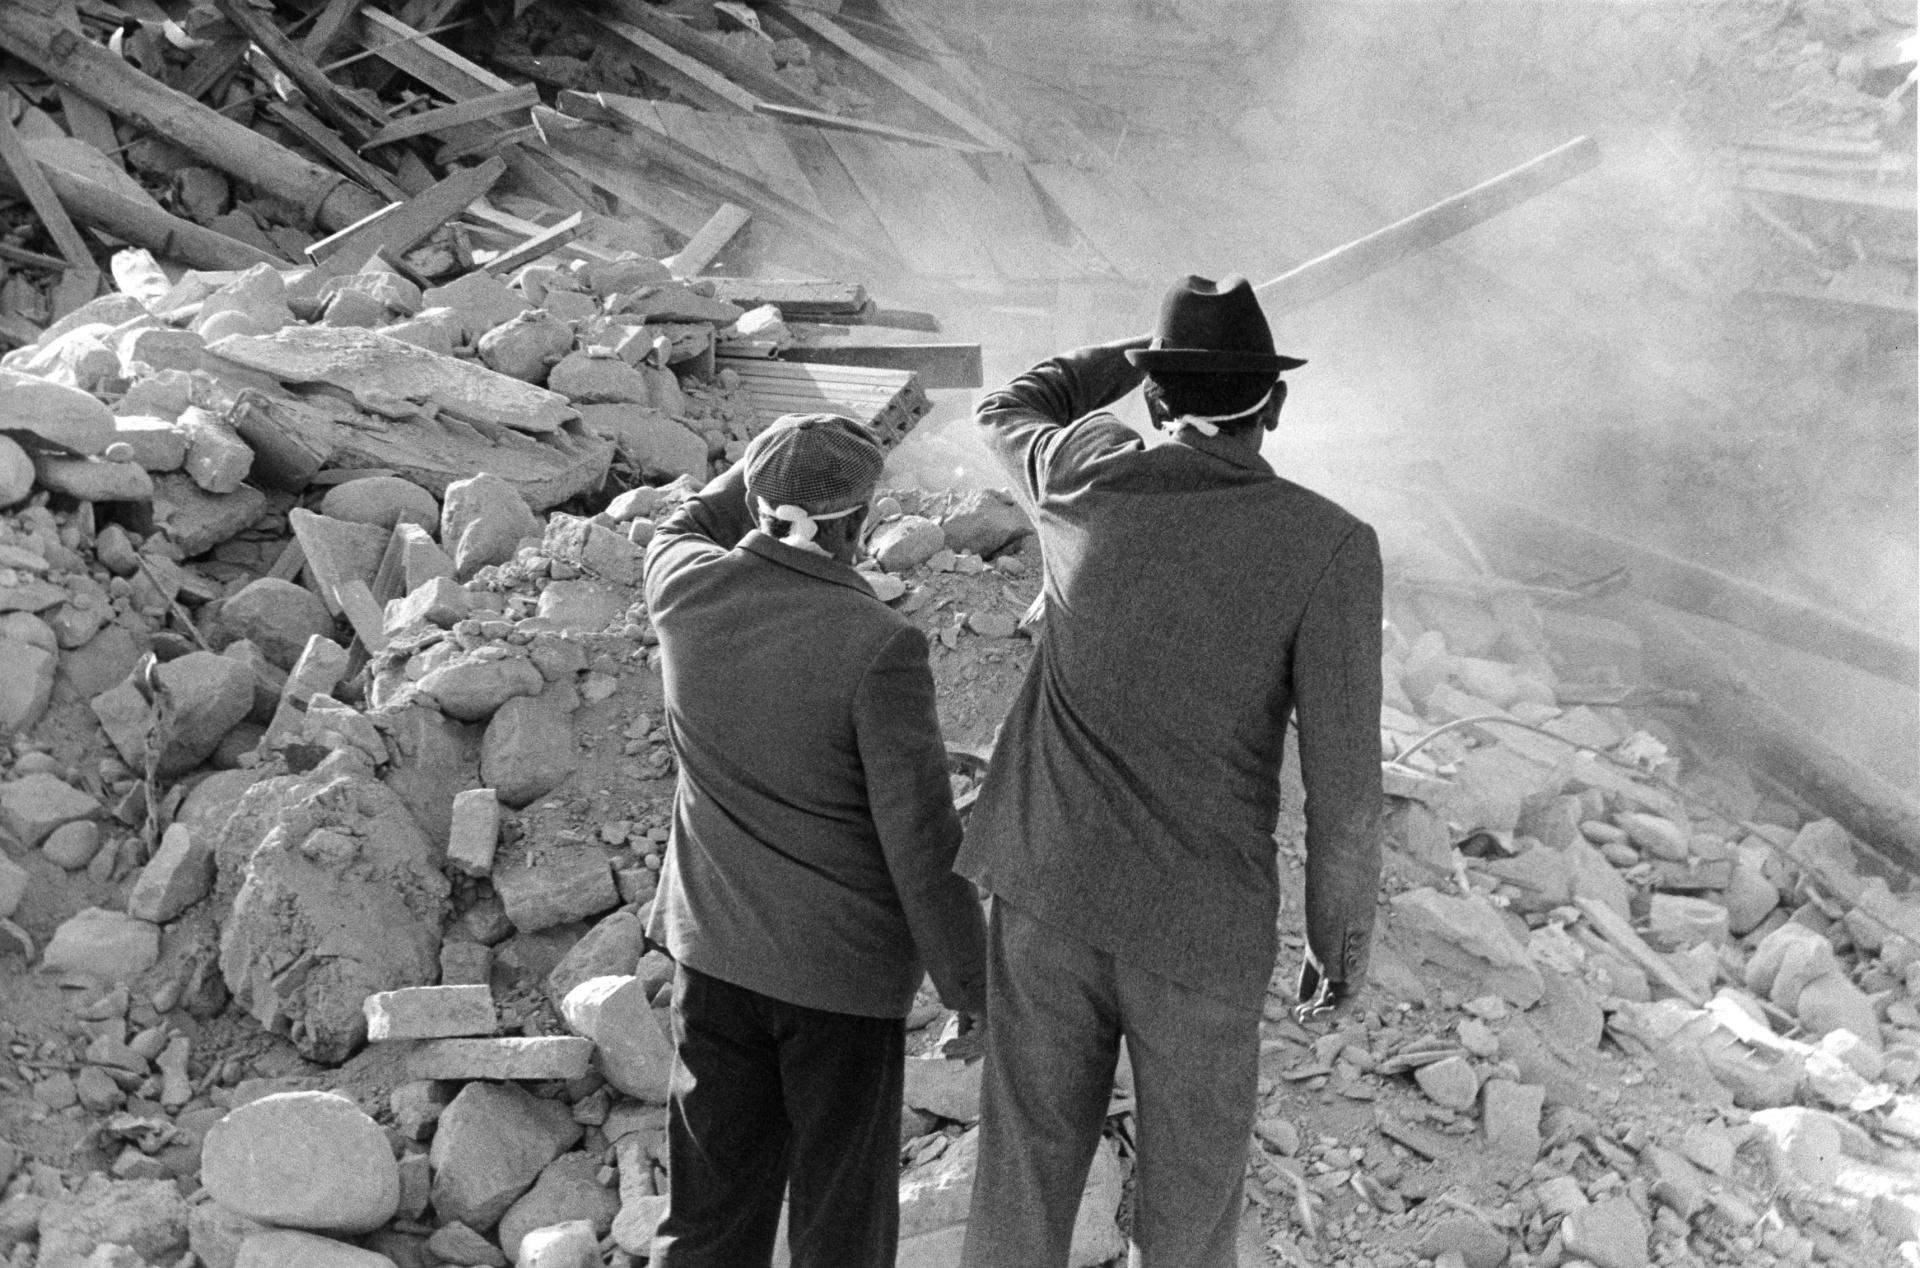 Terremoto in Irpinia - 23 novembre 1980, Il terremoto dell'Irpinia del 1980 fu un sisma che si verificò il 23 novembre 1980 alle 19,34 con una durata di 90 secondi e che colpì la Campania centrale e la Basilicata